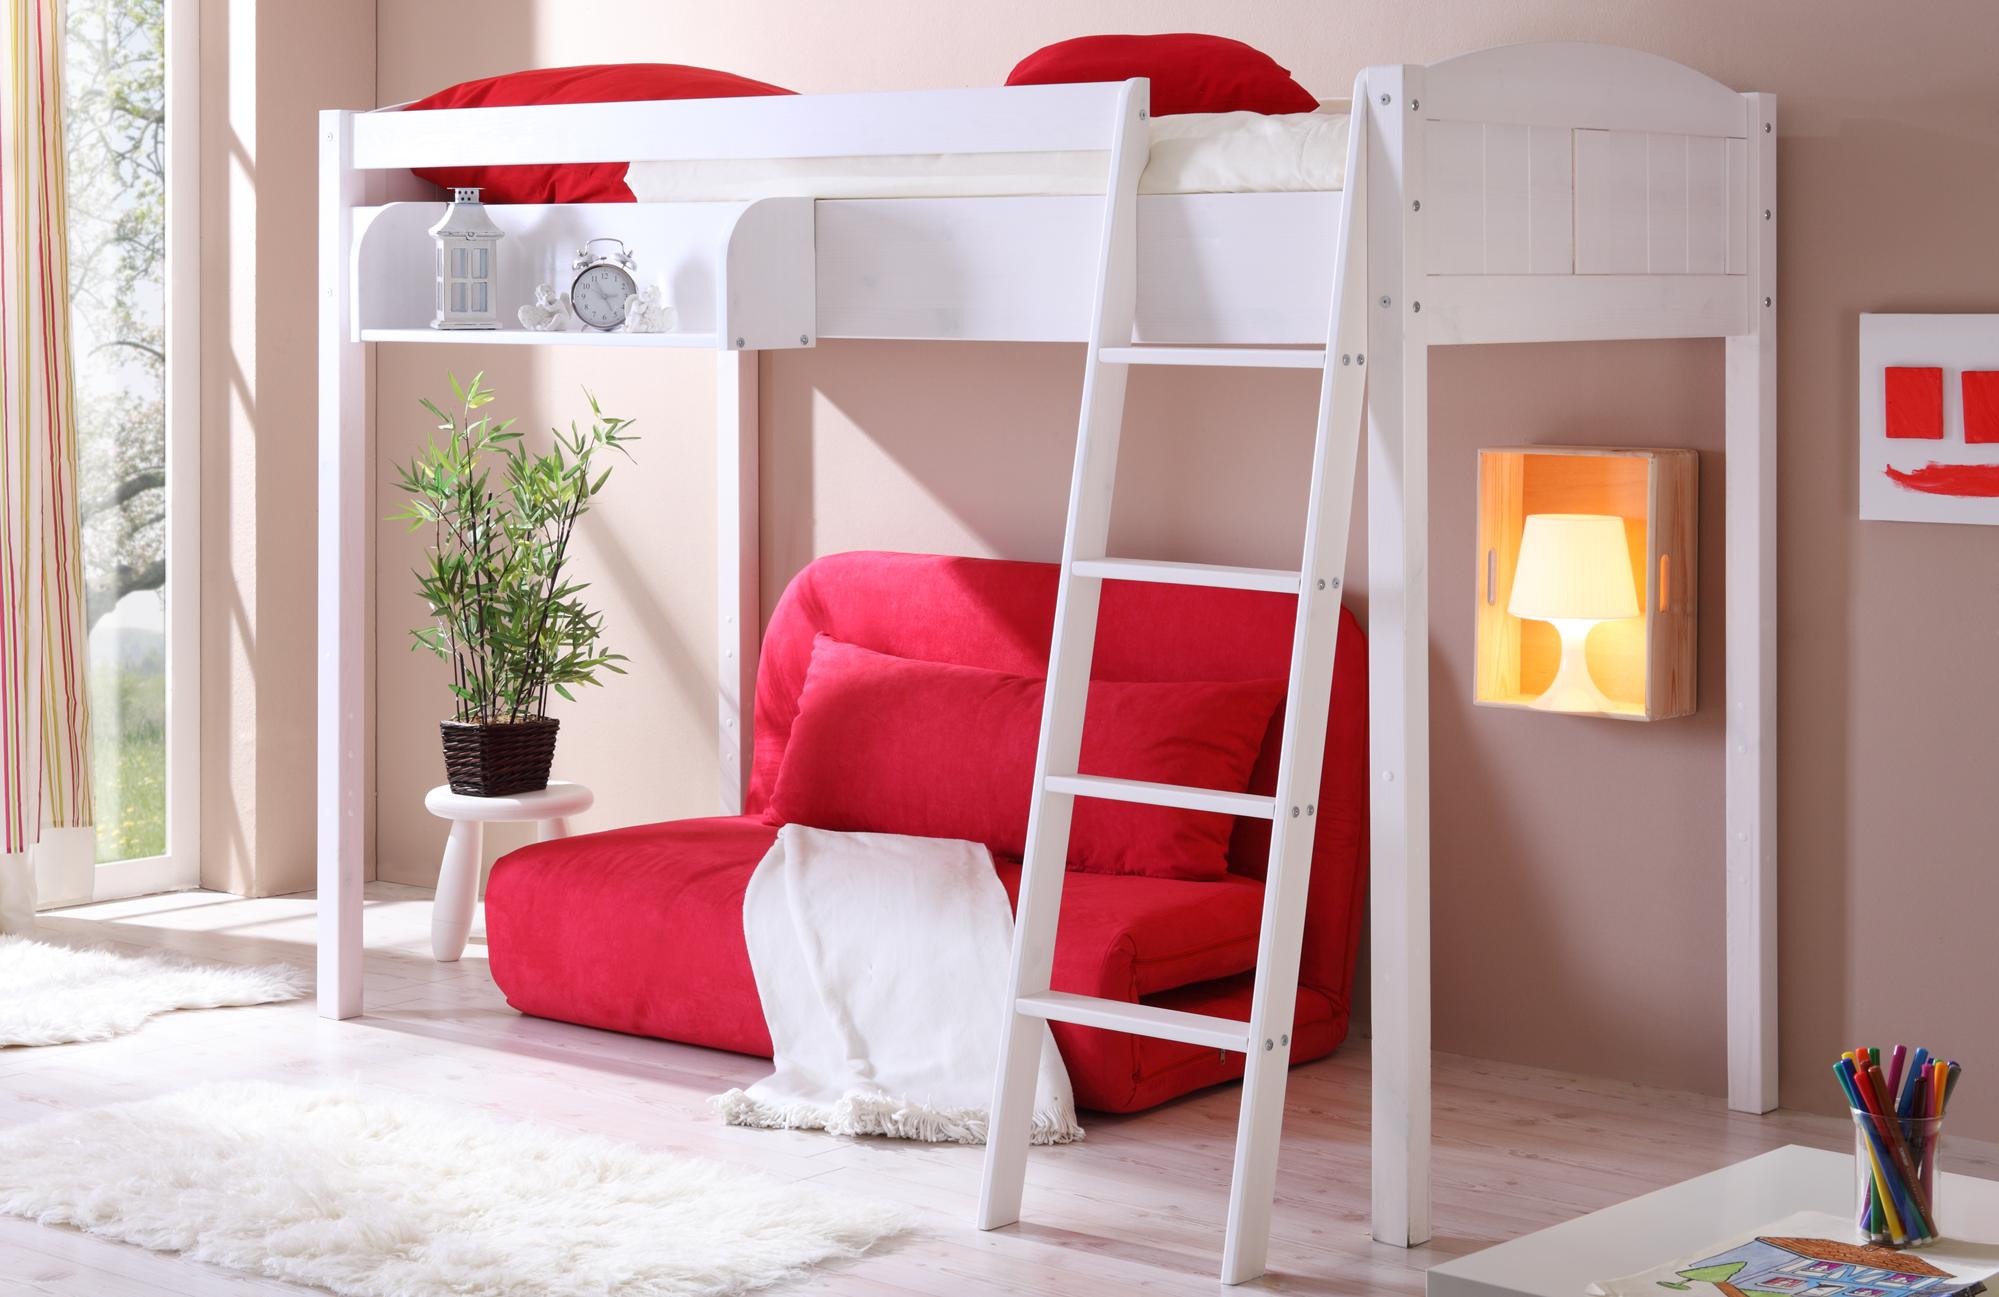 Двухъярусная кровать с диваном внизу для родителей 54 фото варианты мебели для родителей и ребенка